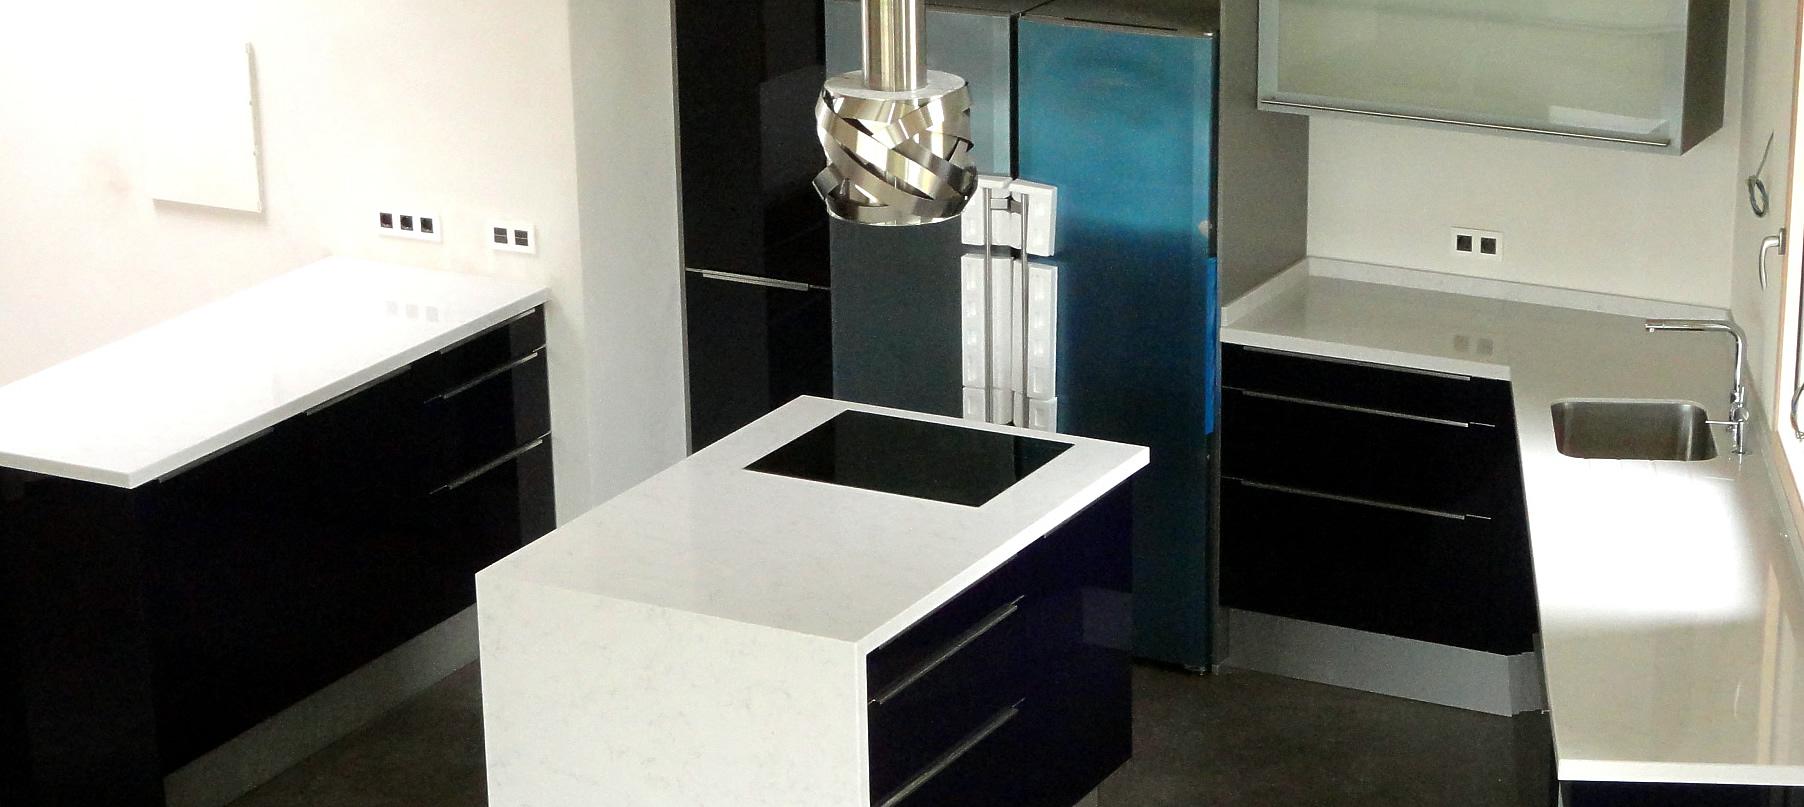 muebles de cocina de cristal